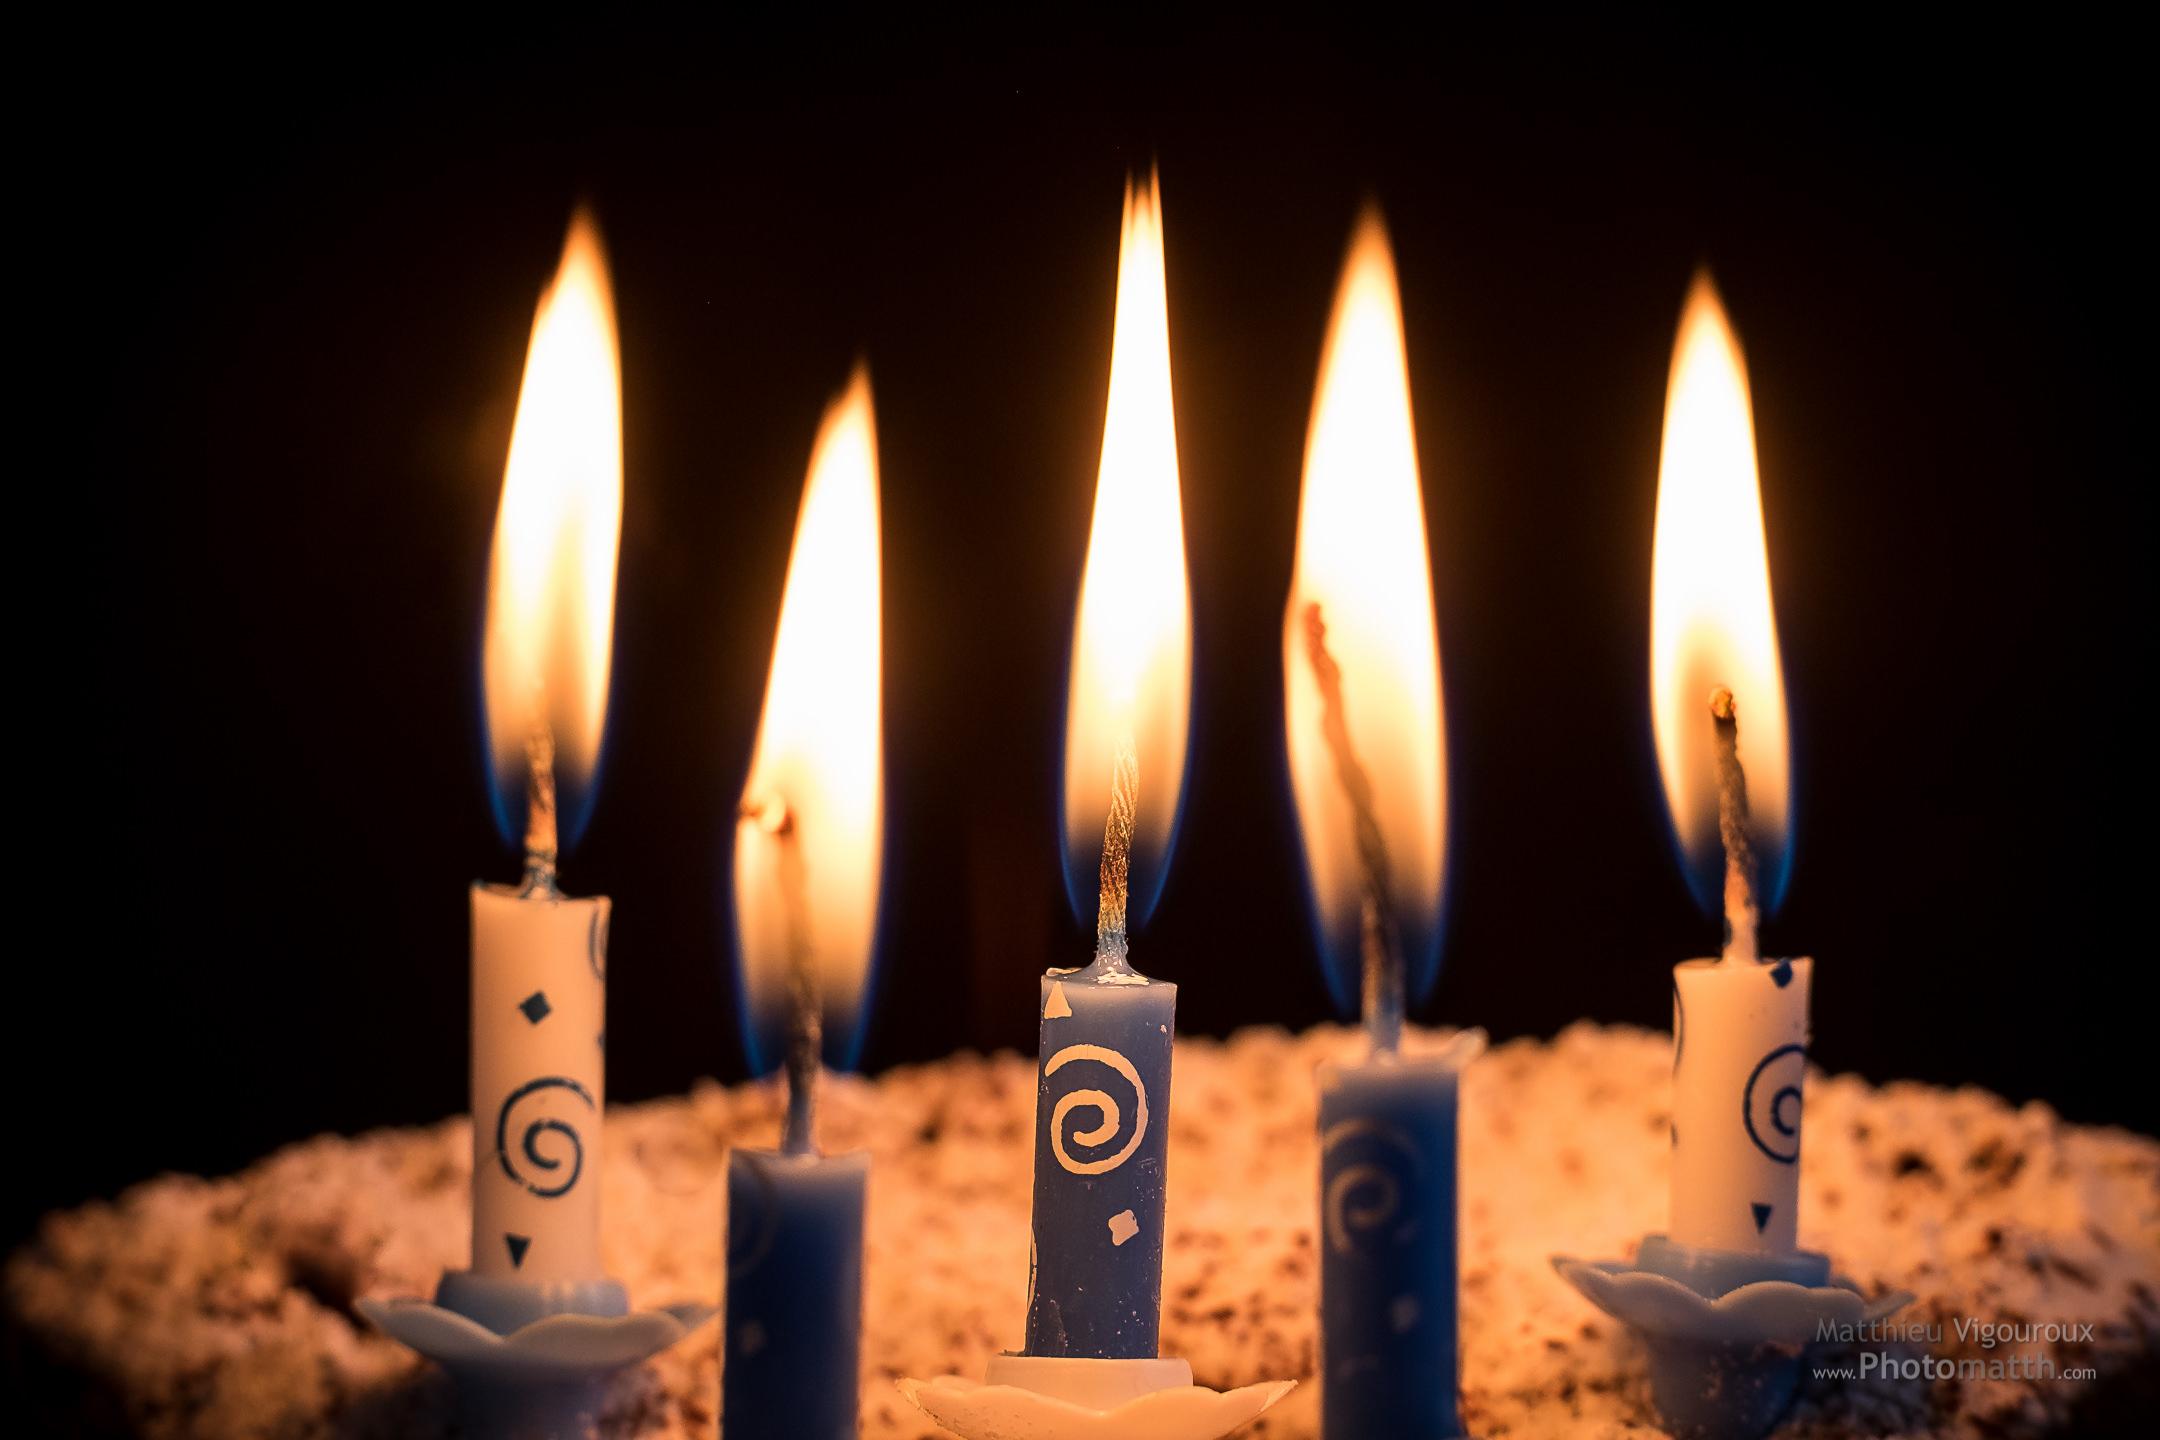 5 bougies pour les 5 ans de Photomatth